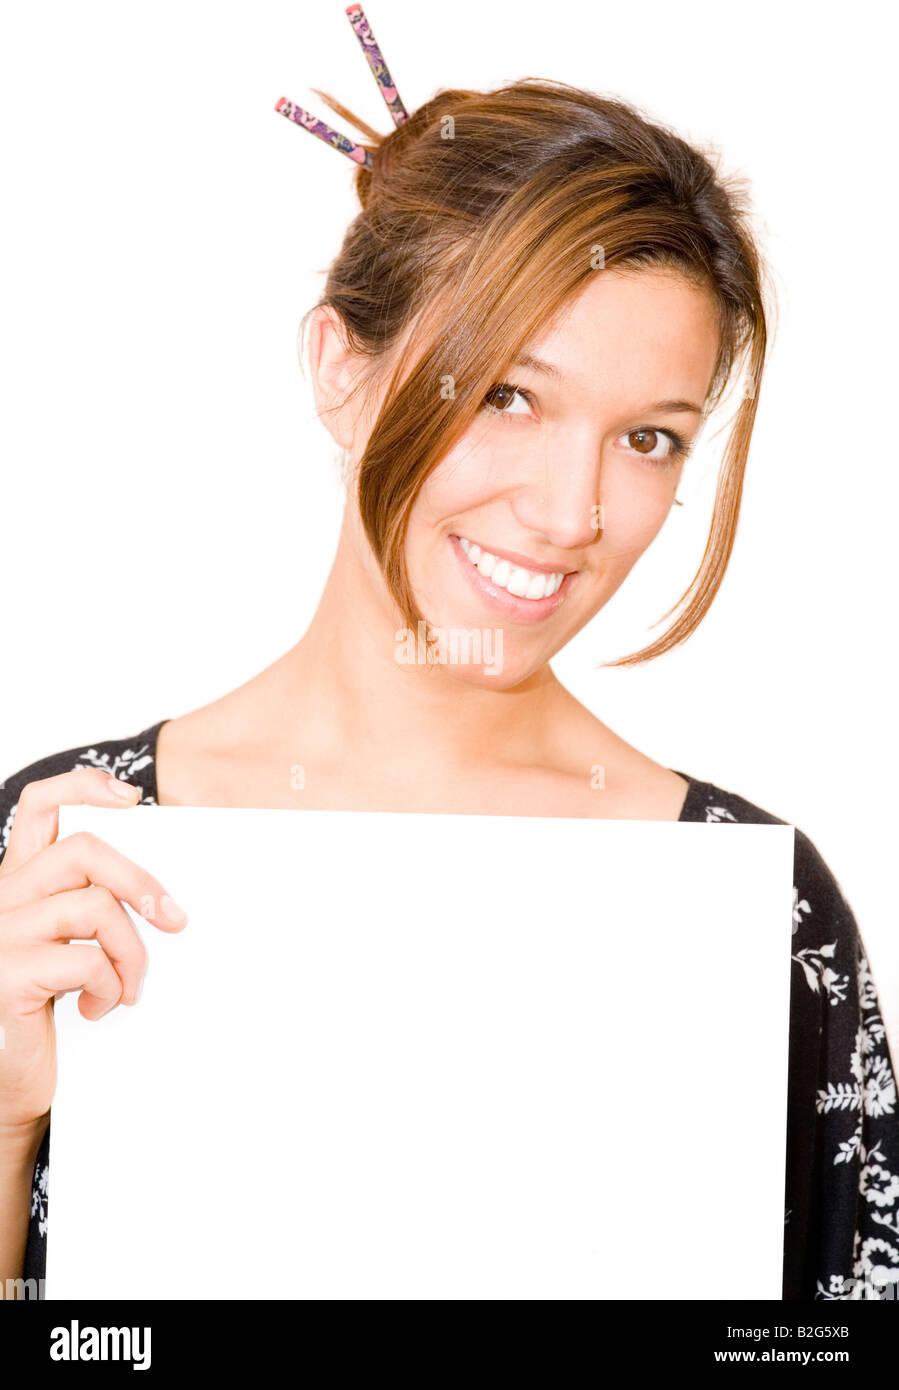 Papier fantaisie femme chic élégant trendy fashion model voguish Banque D'Images